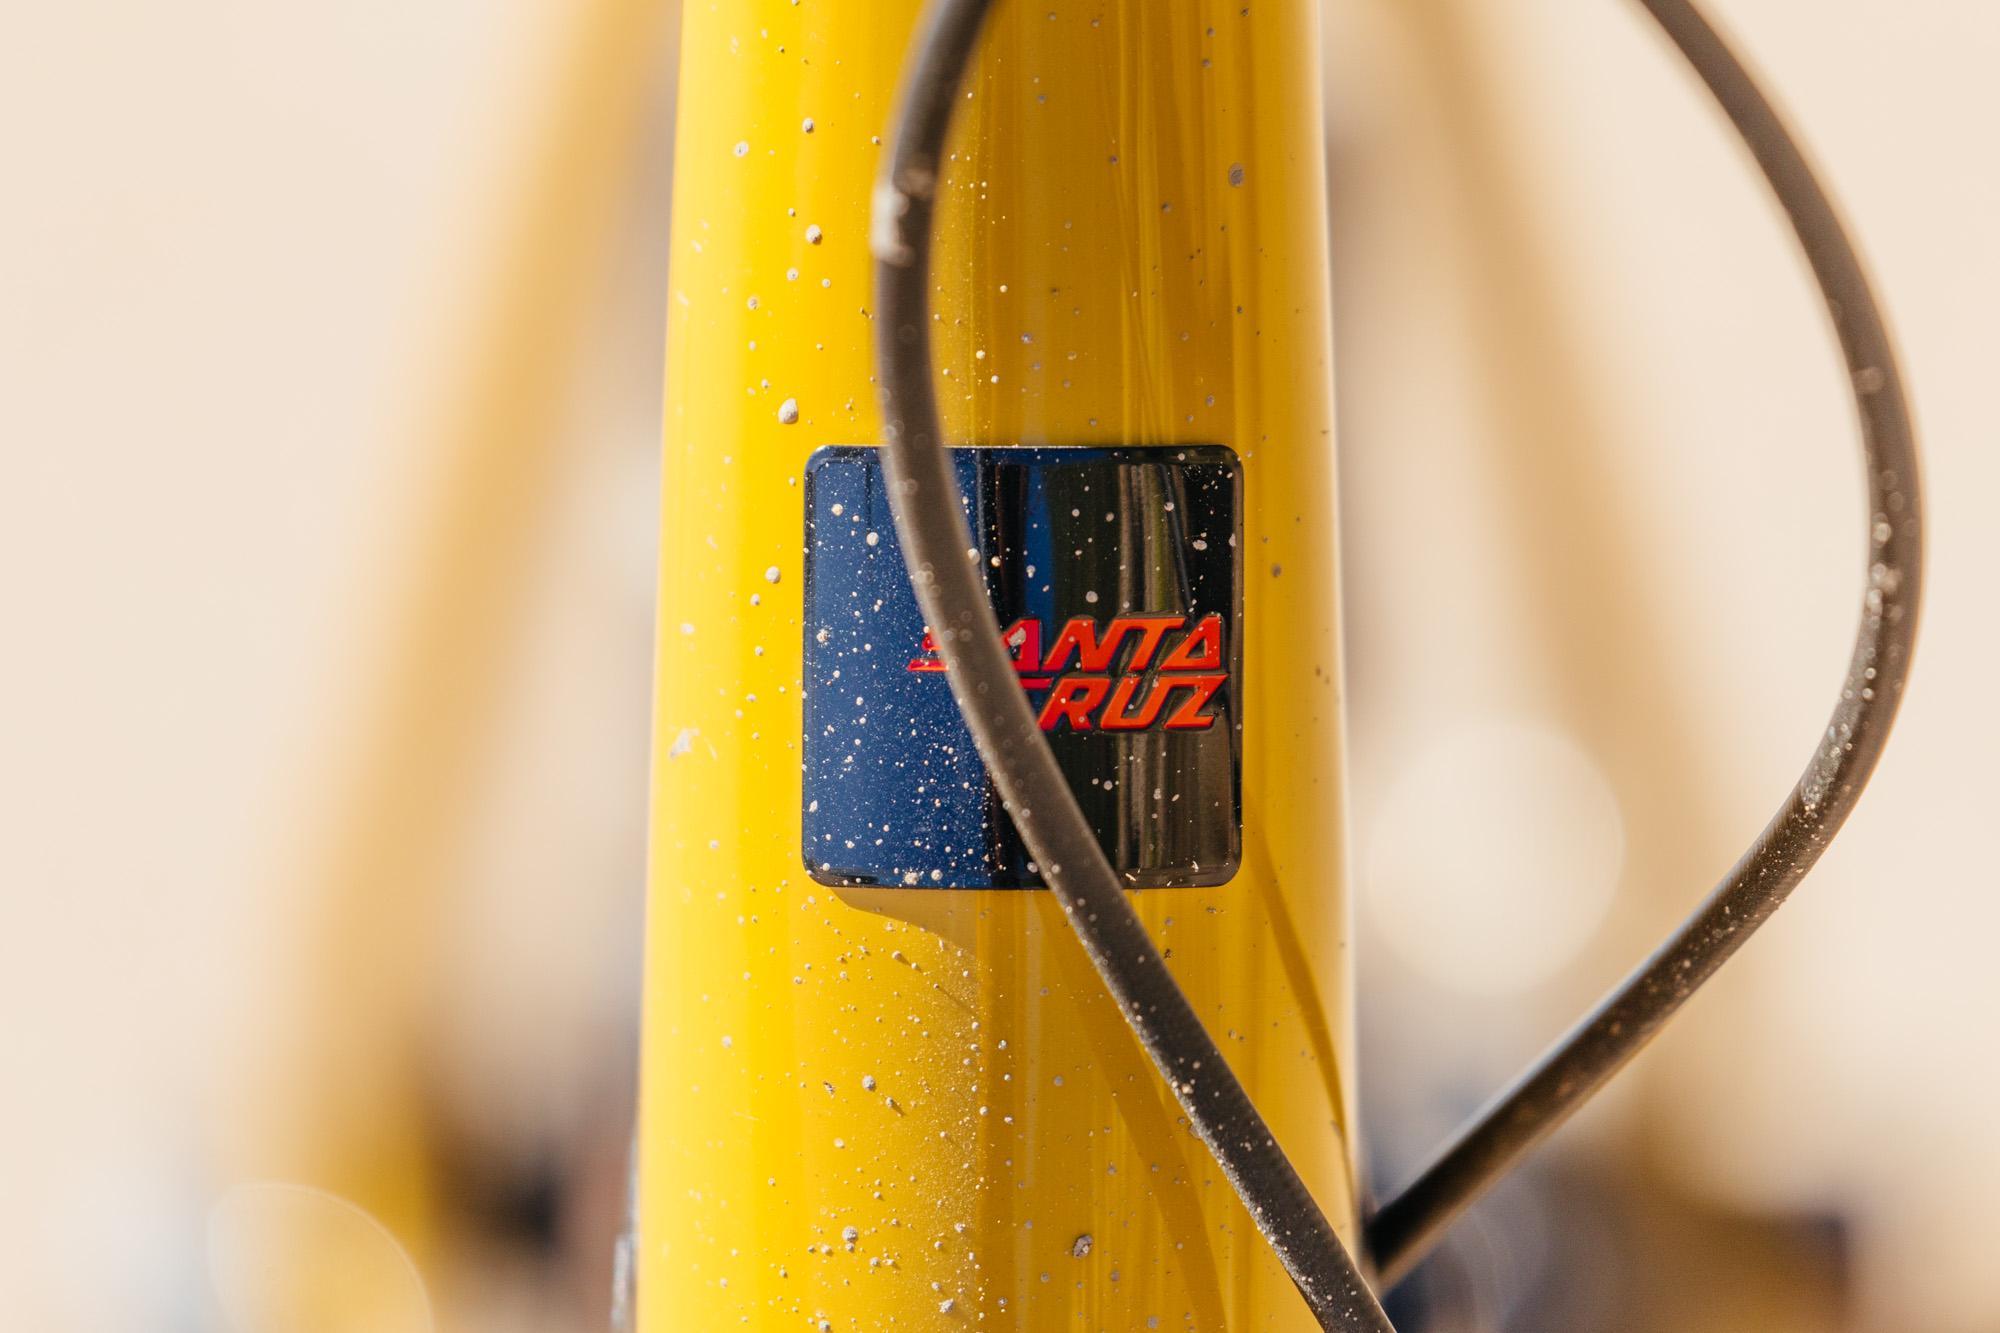 Santa Cruz Stigmata AXS Force 27.5 x 2.0